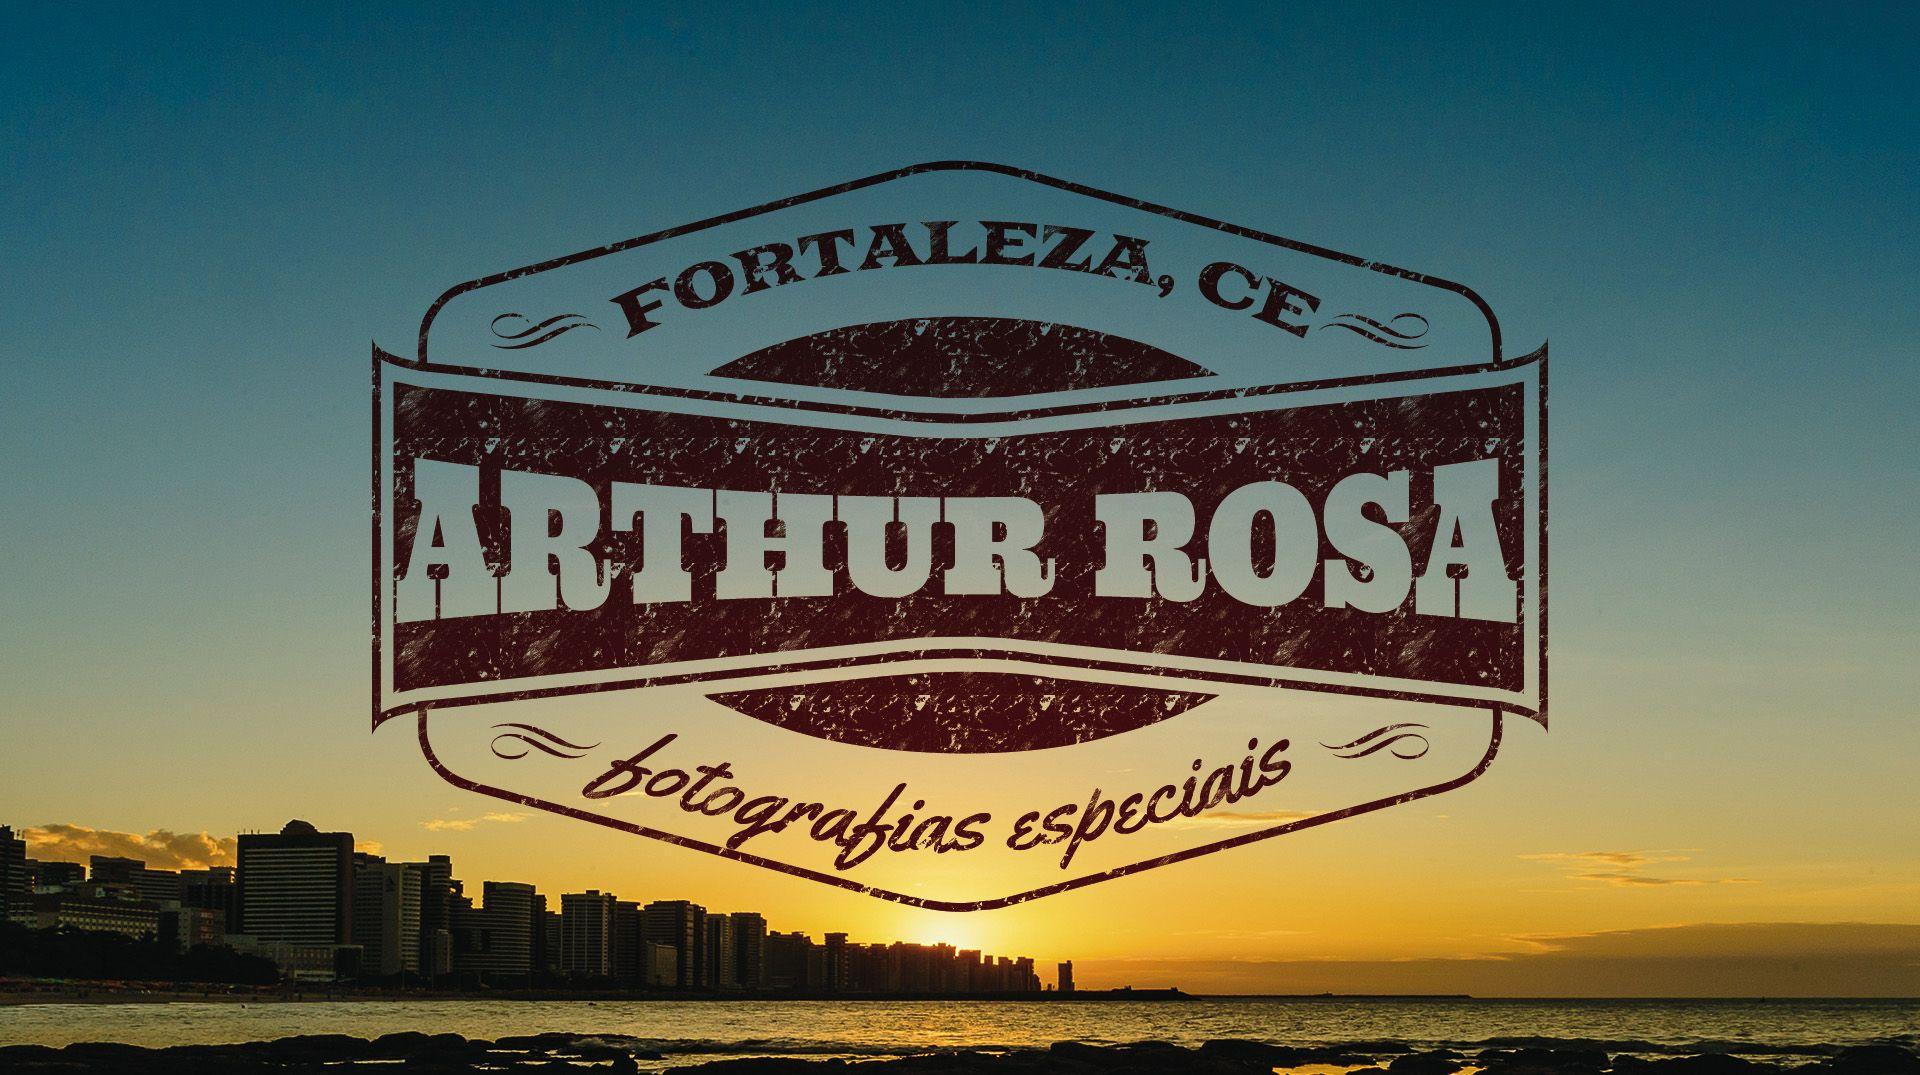 - Arthur Rosa | fotografias especiais